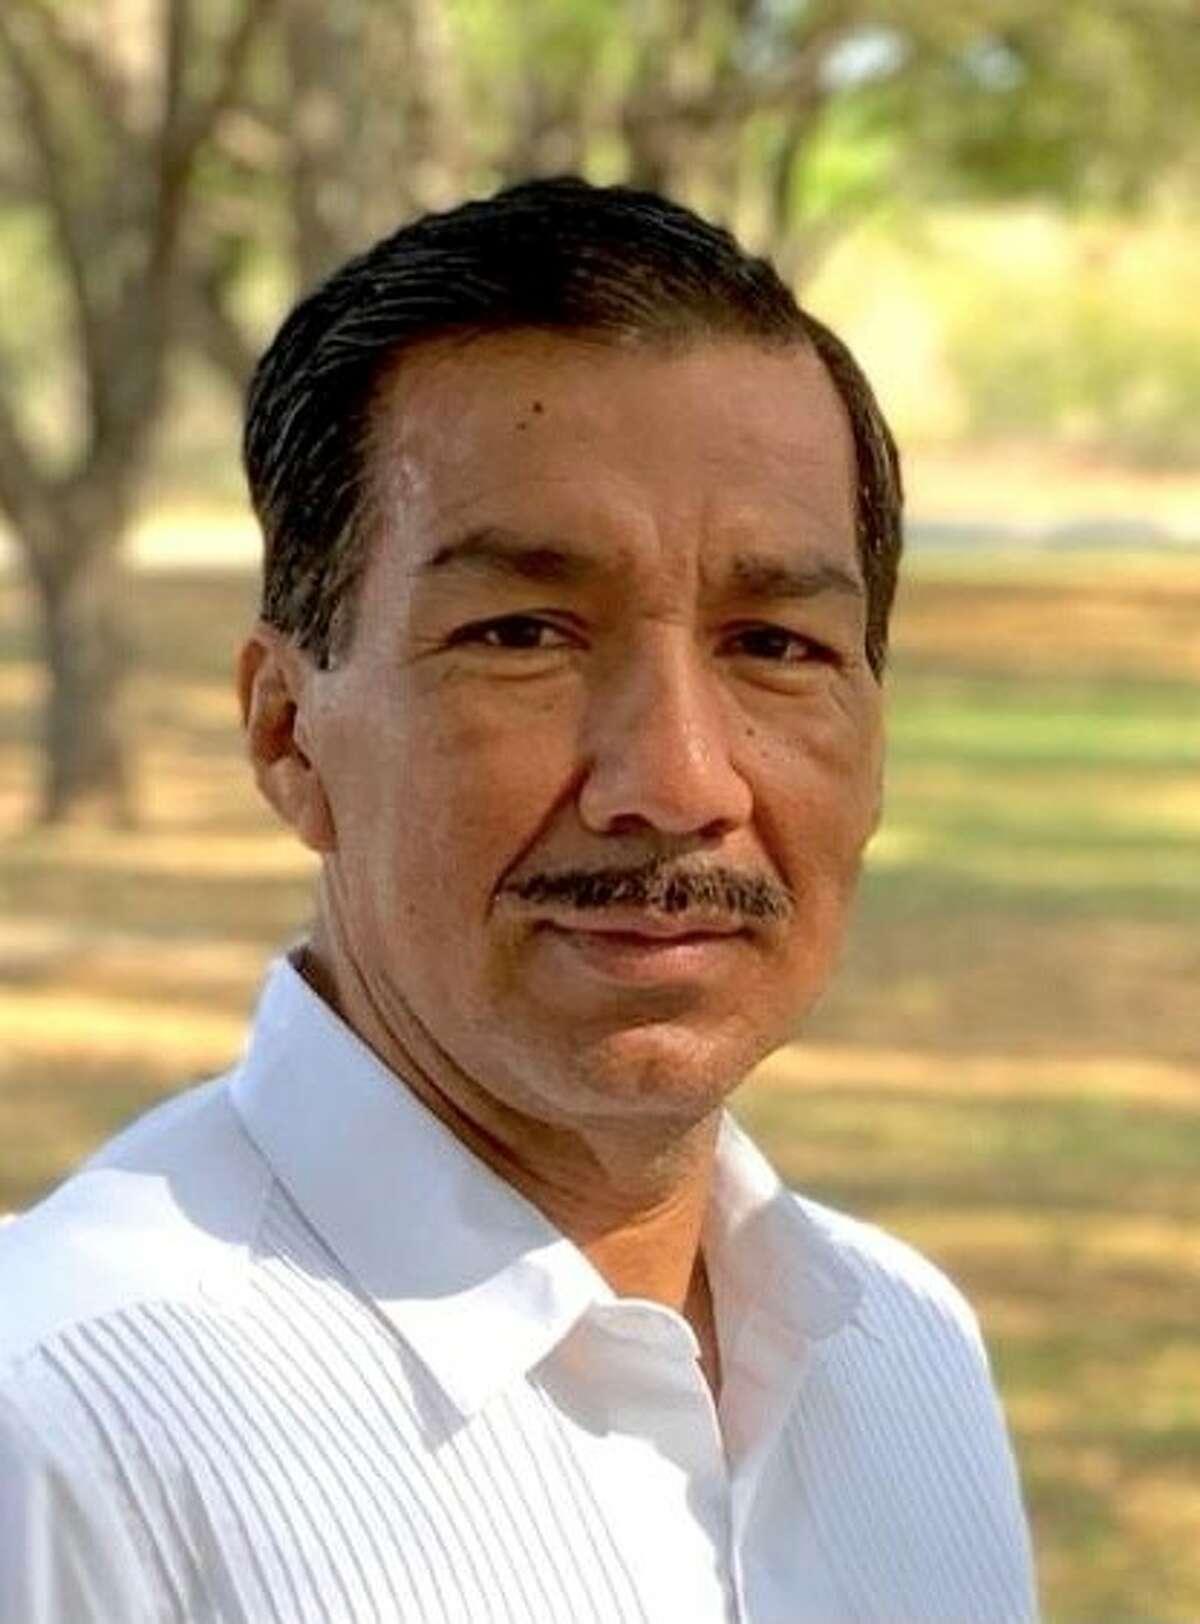 Juan Antonio Orozco